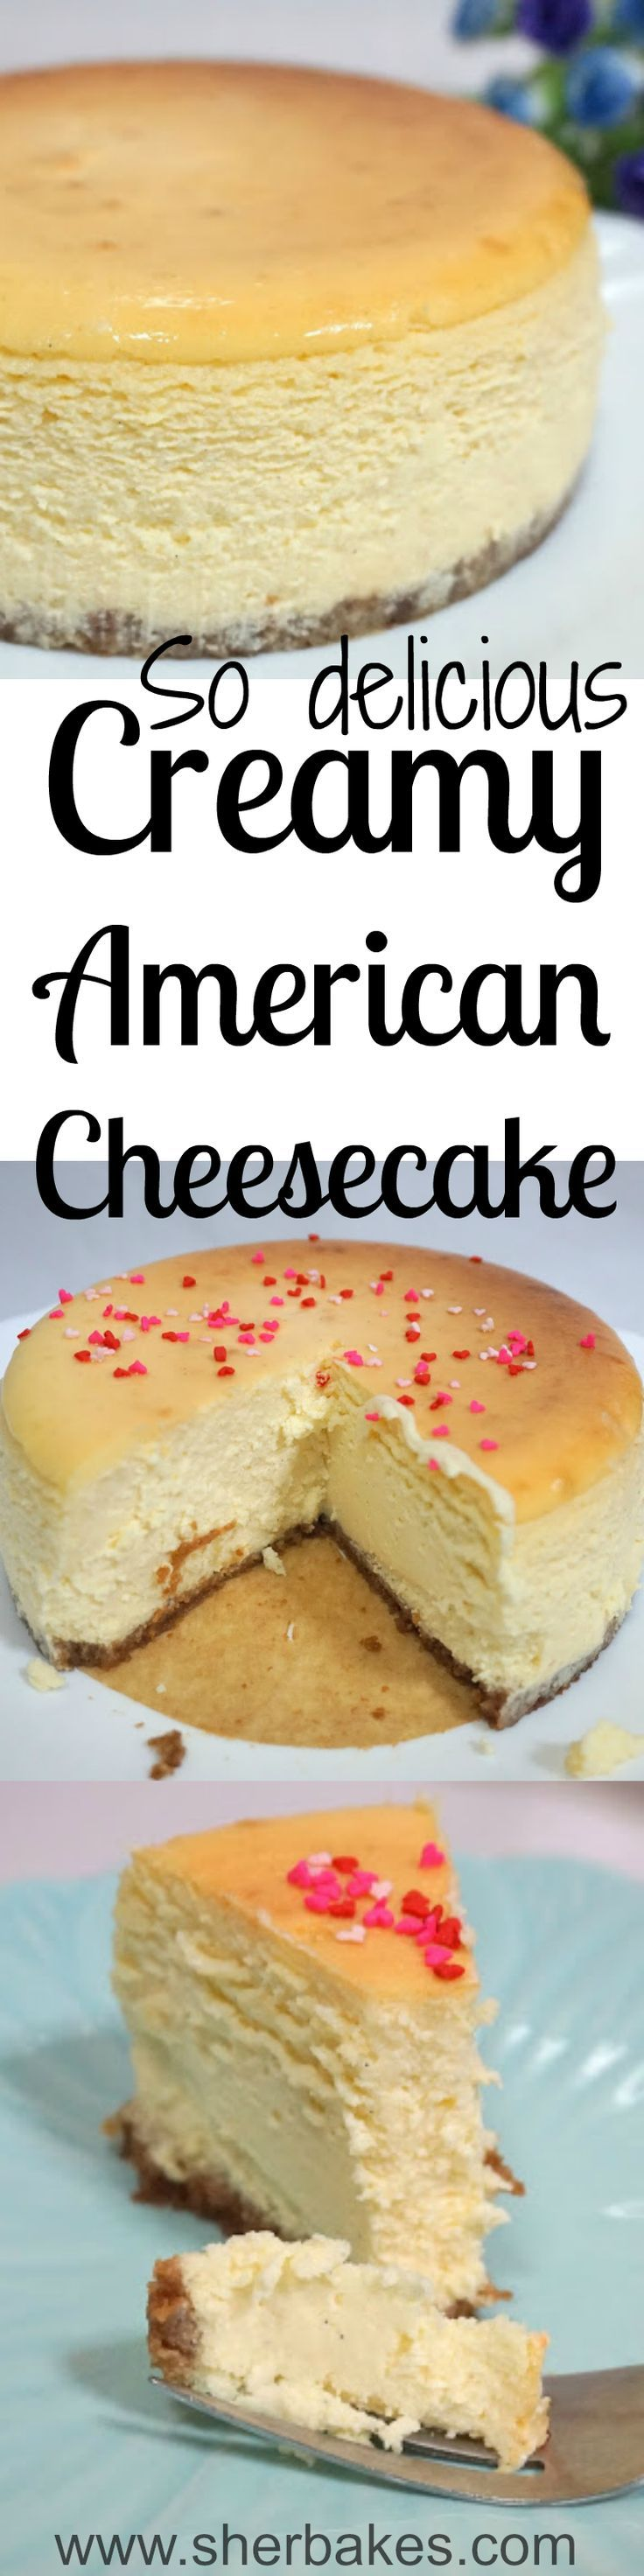 Cremosa tarta de queso americana es muy delicioco en el Estados Unidos. Como alguna tarta este es muy sabroso y cremoso. Este tarta de queso tiene corazón en forma de chispitas. | https://lomejordelaweb.es/